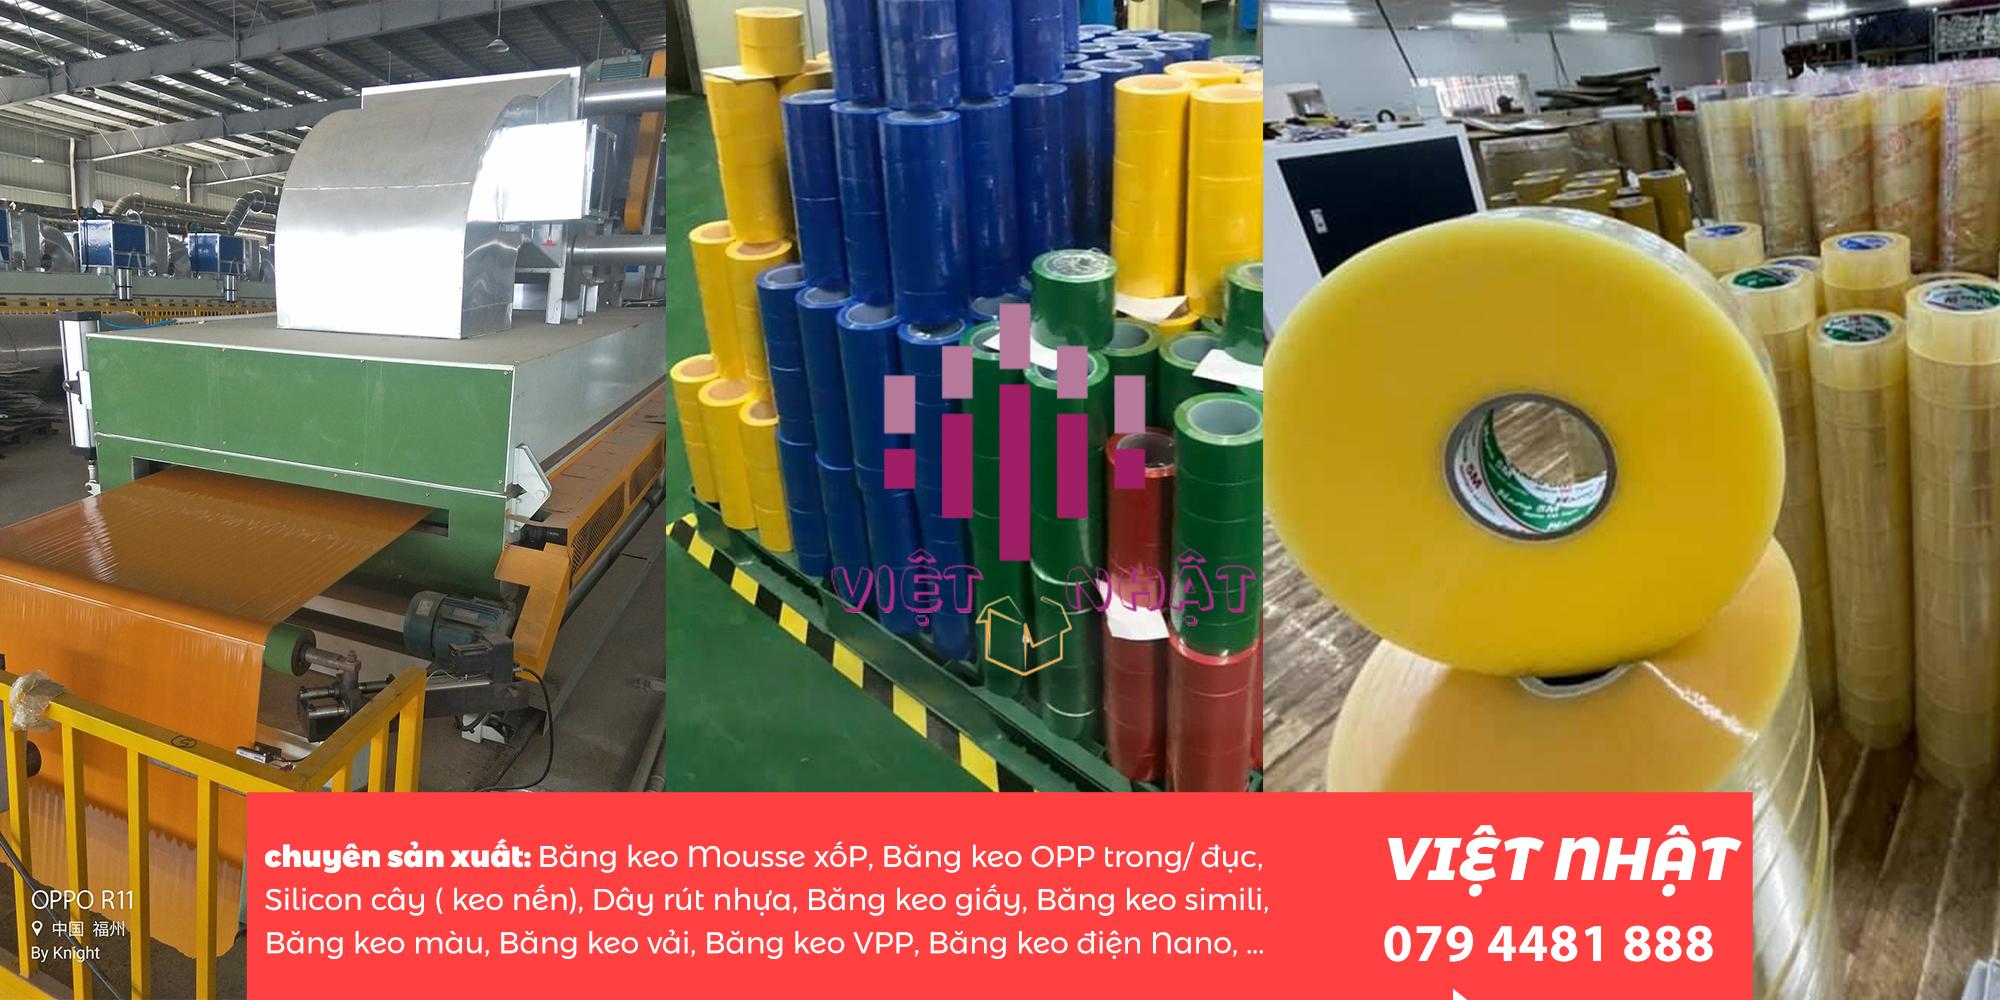 Với máy móc hiện đại việt nhật tự tin cung cấp nhiều loại băng keo vải với nhiều quy cách sản phẩm khác nhau